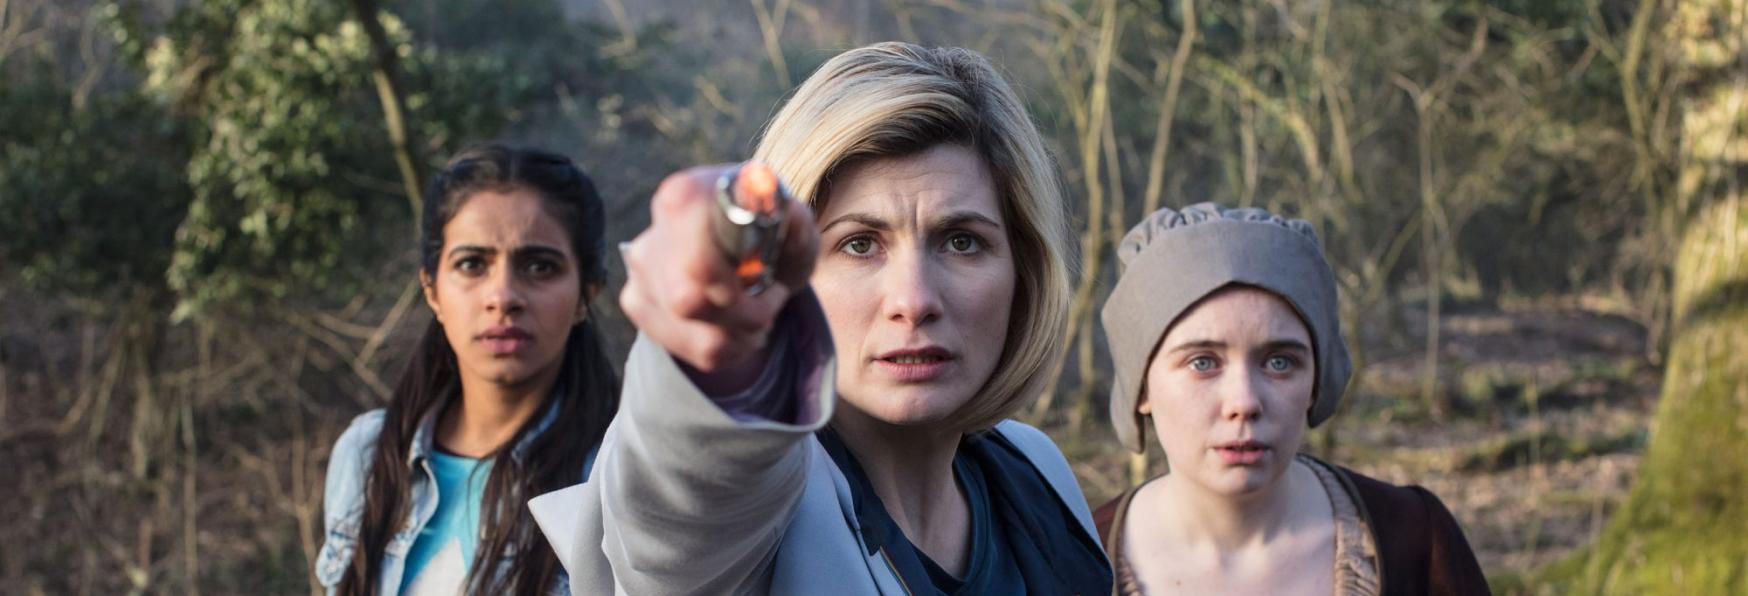 Doctor Who 13: il nuovo Companion commenta l'uscita di Jodie Whittaker dalla Serie TV